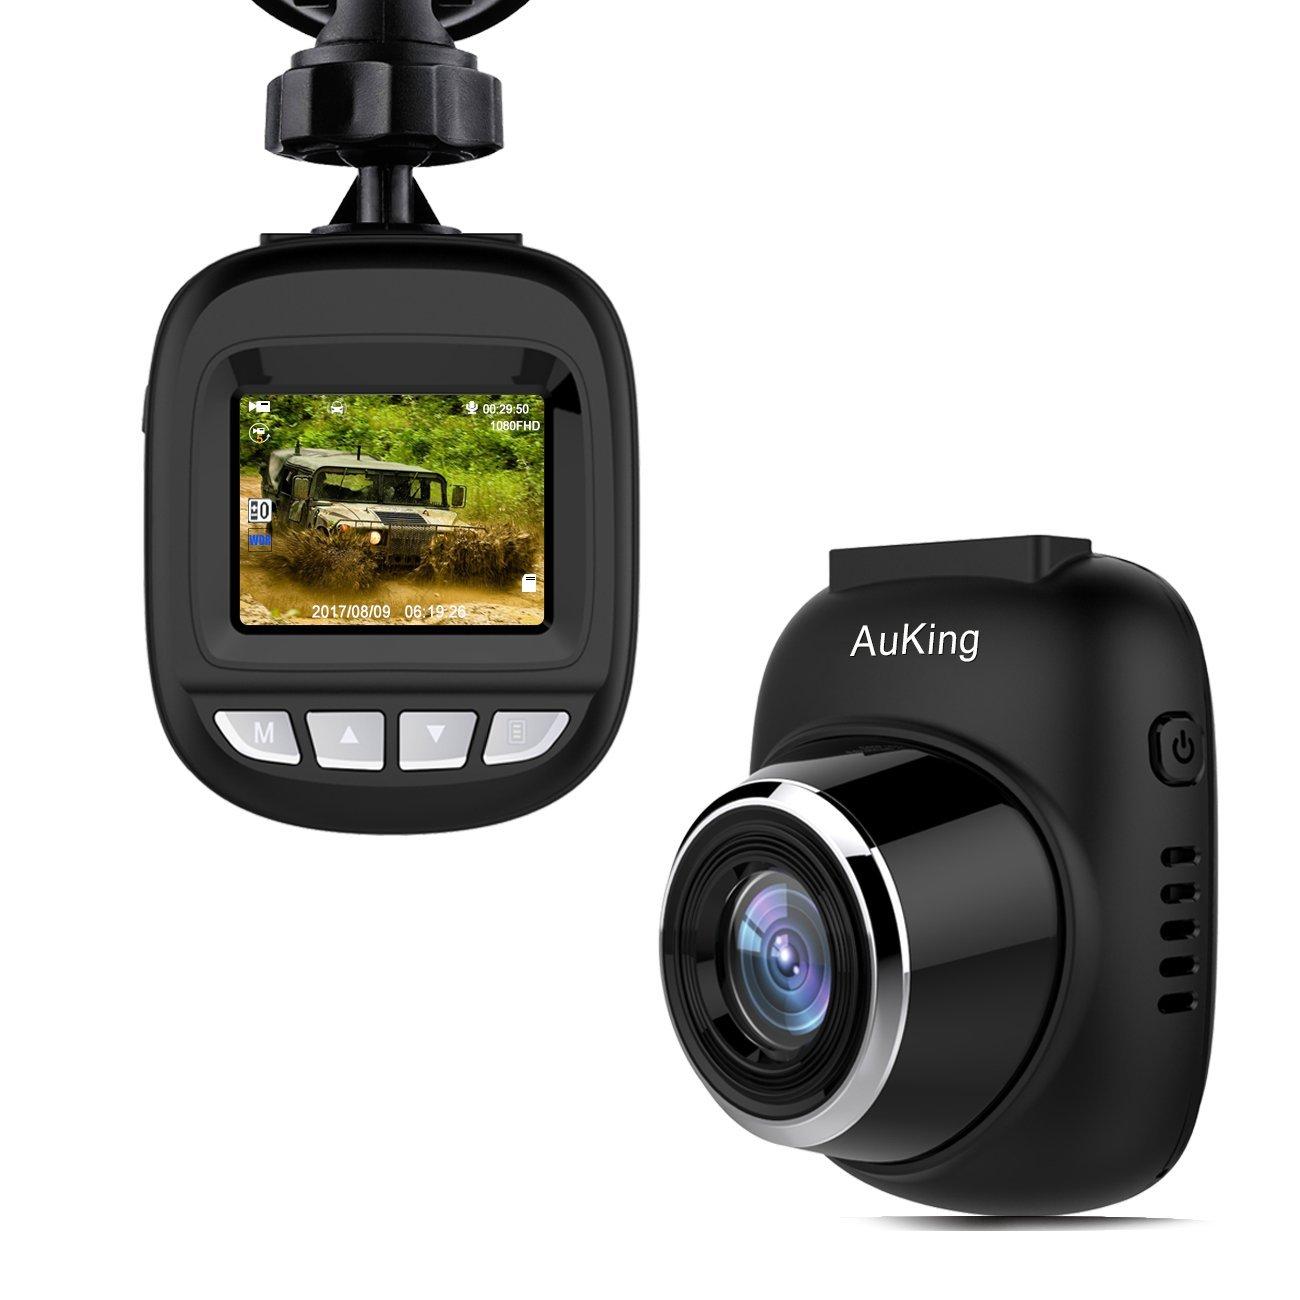 Dash cam per auto, AuKing telecamera auto dash cam macchina fotografica Full HD 1920x1080p Schermo da 1,5 pollici Mini Dash Cam per auto 168 gradi Angolo auto Dash Cam